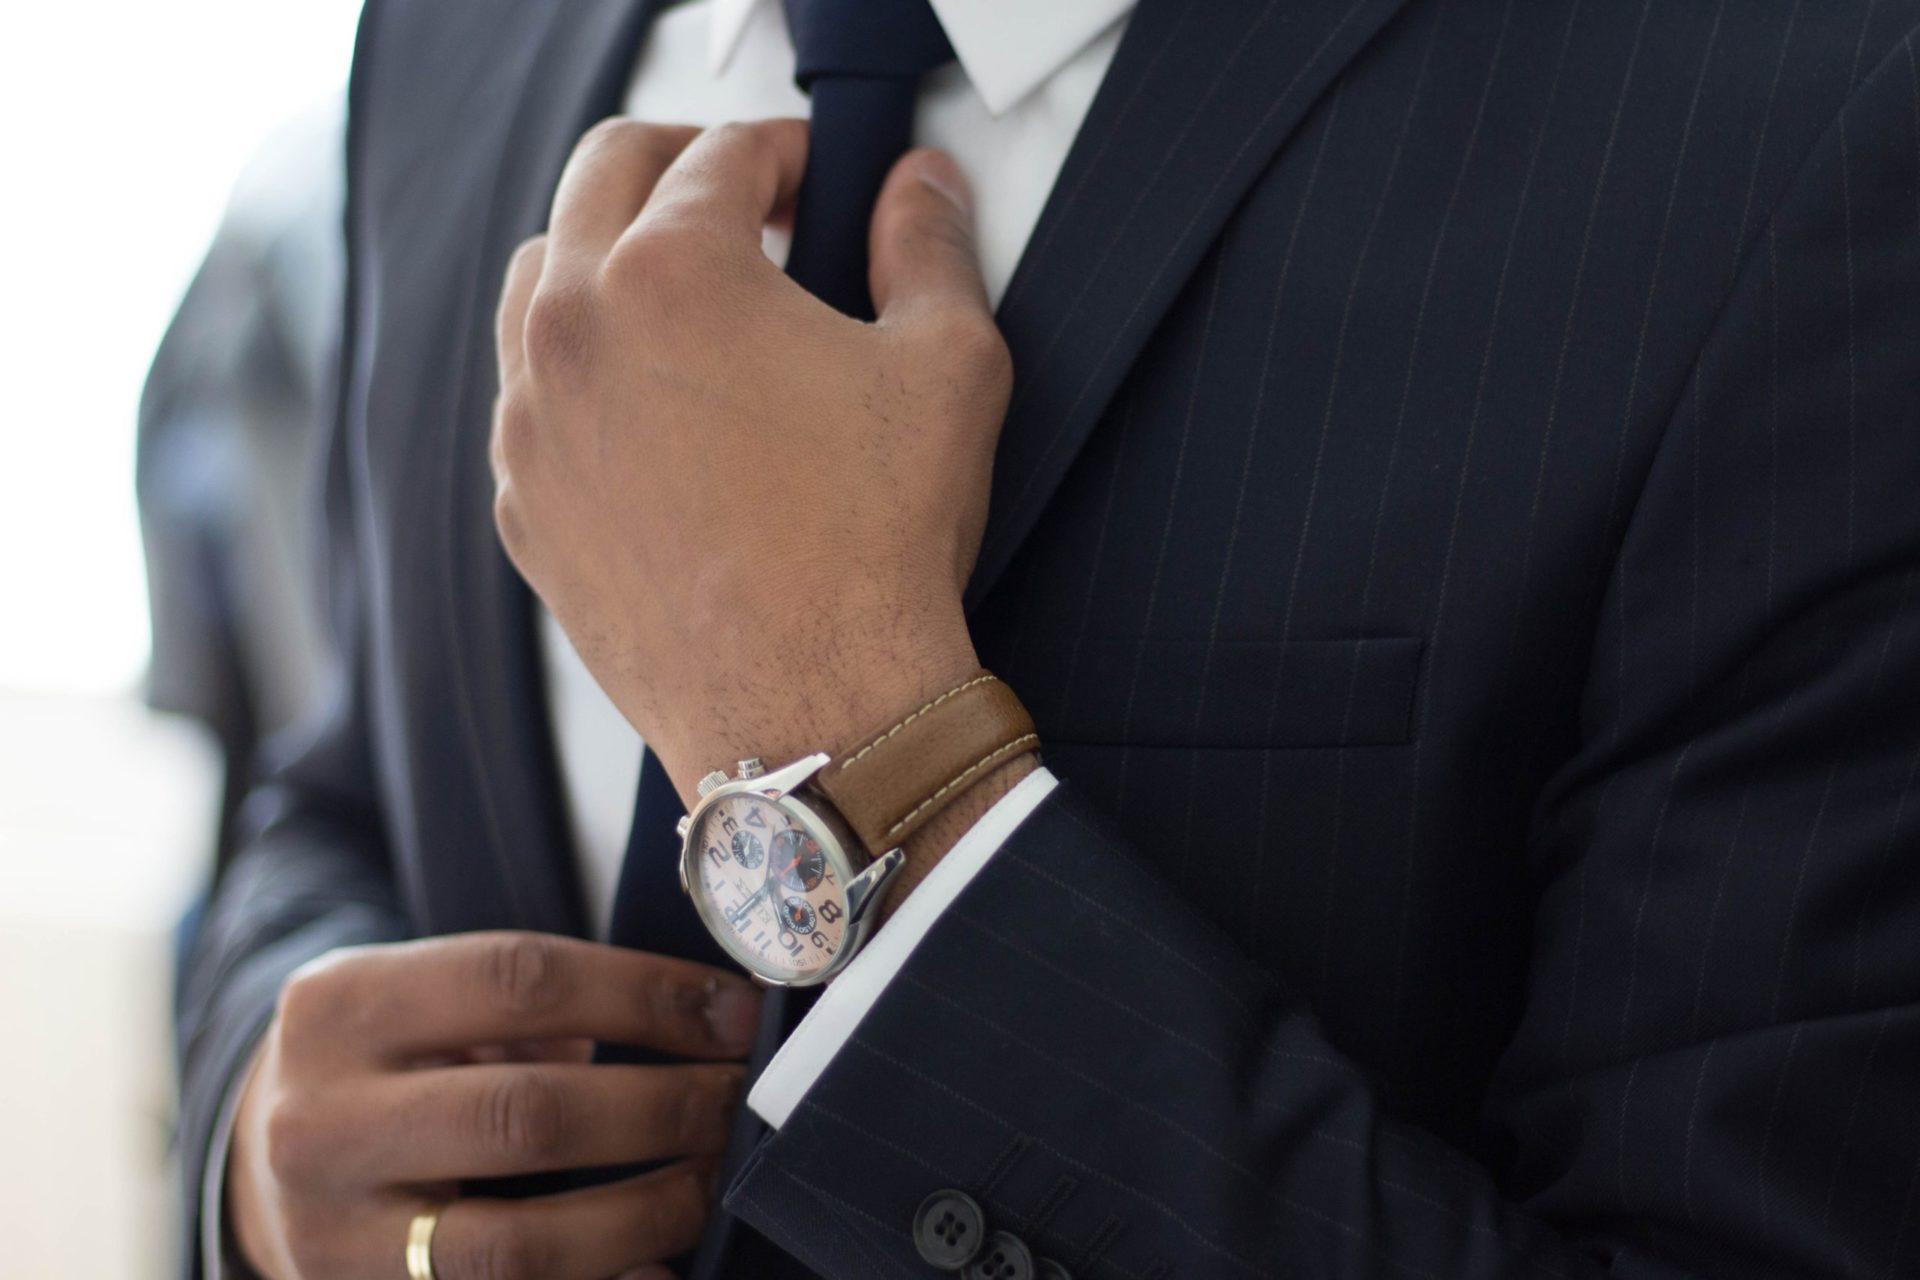 腕時計初心者におすすめはどんなのがいい?